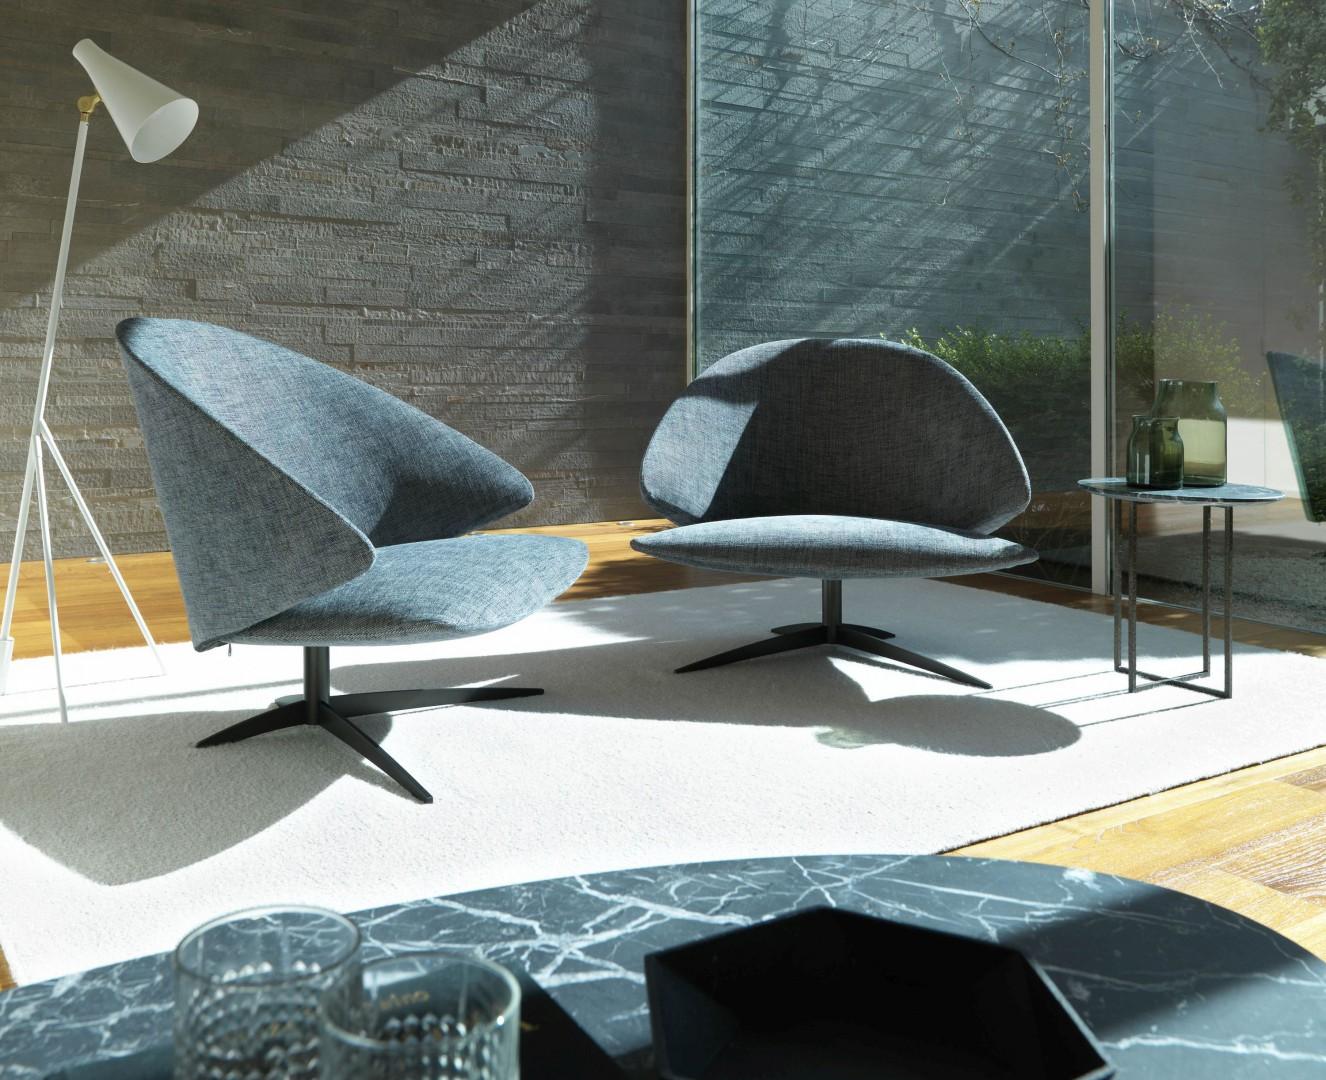 Fotele o futurystycznych kształtach sprawią, że wnętrze stanie się naprawdę designerskie. Fot. Desiree